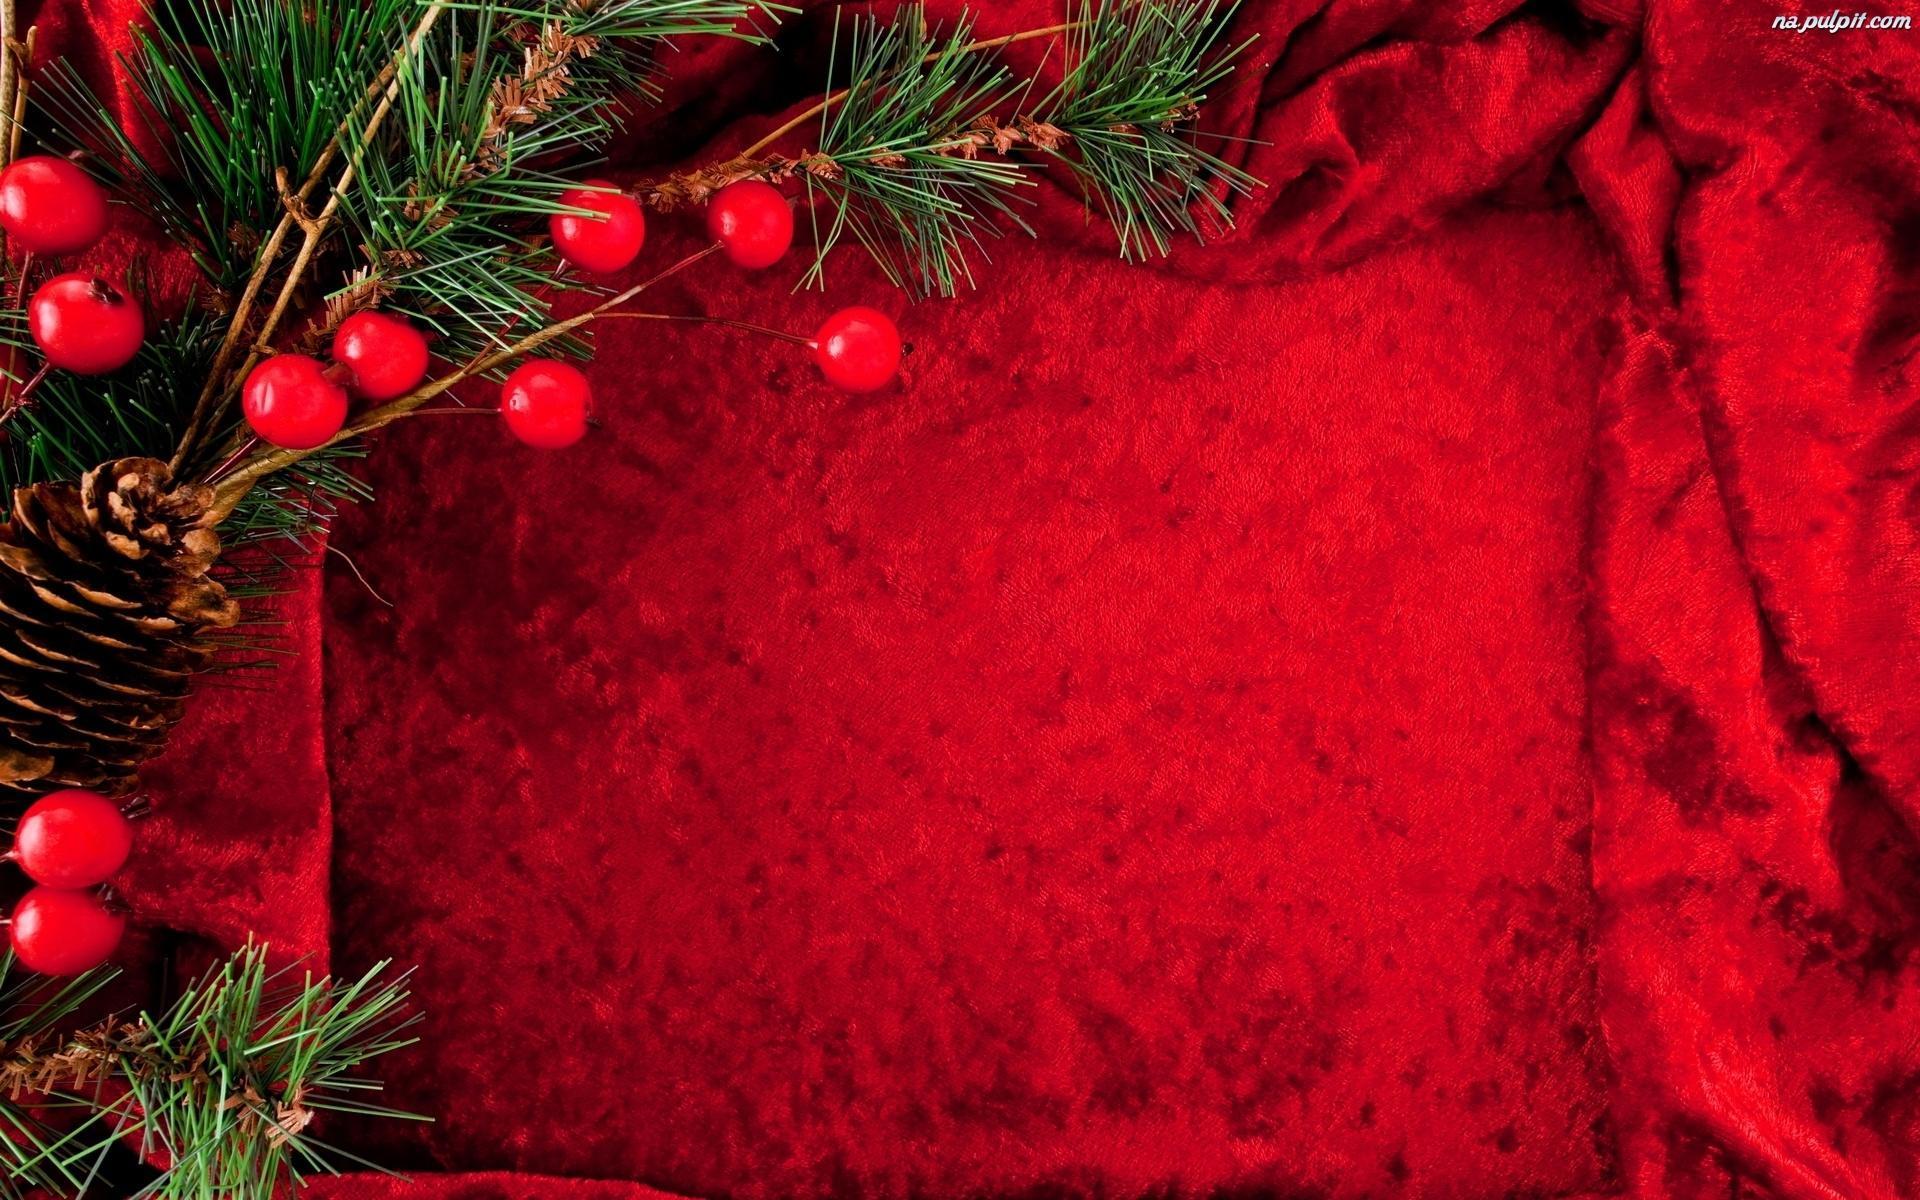 Animated Happy New Year D Weihnachten Hintergrund Hd Desktop Hintergrund Widescreen